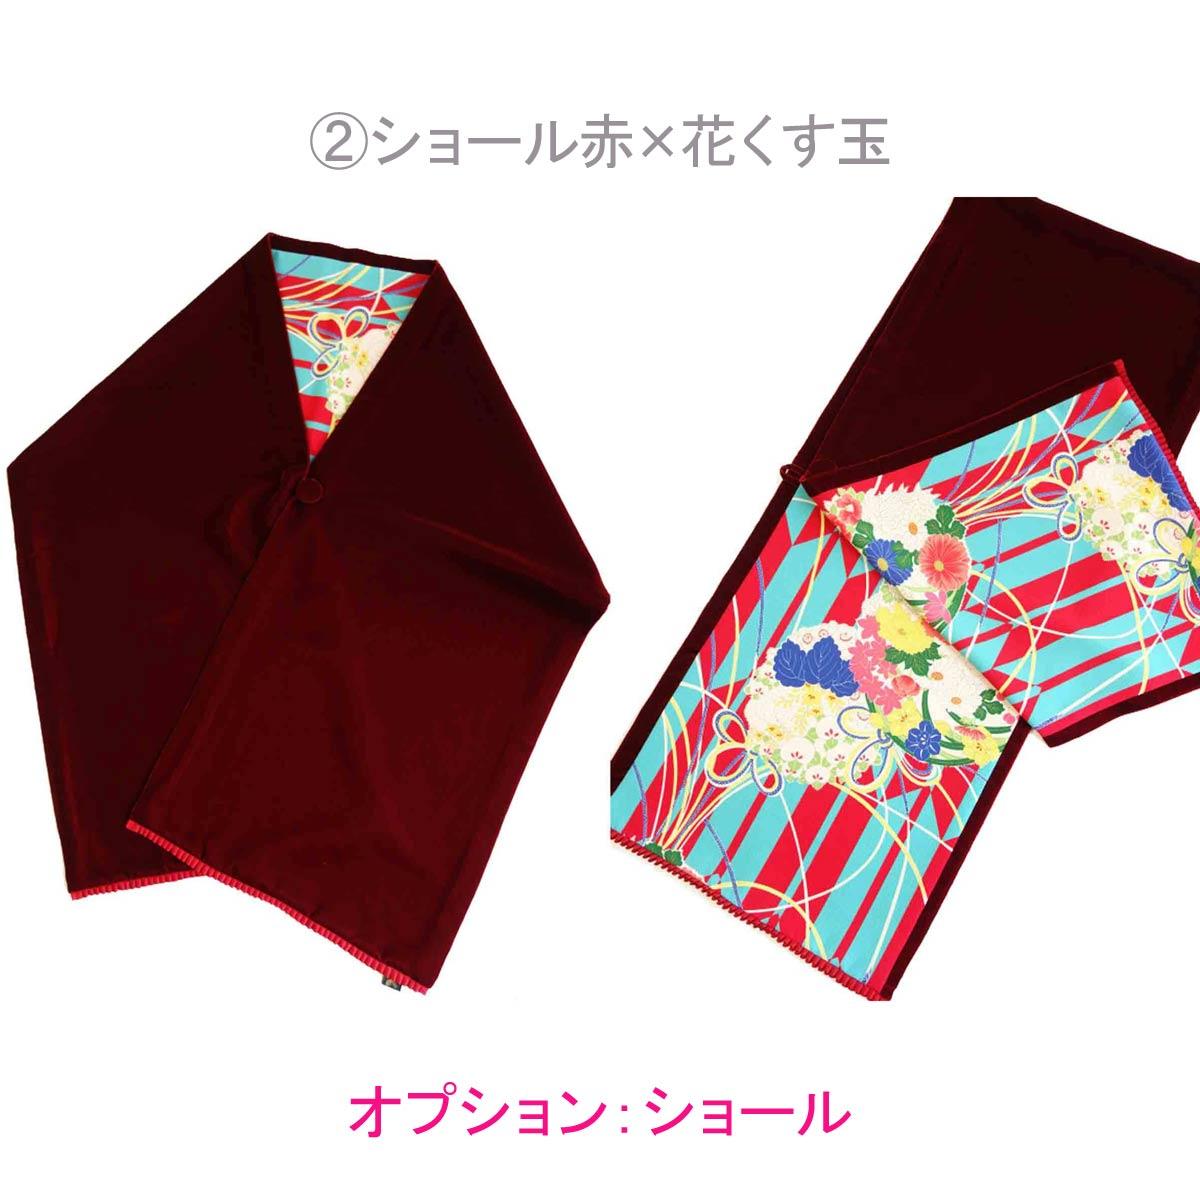 【レンタル】袴 Puzzle ターコイズ